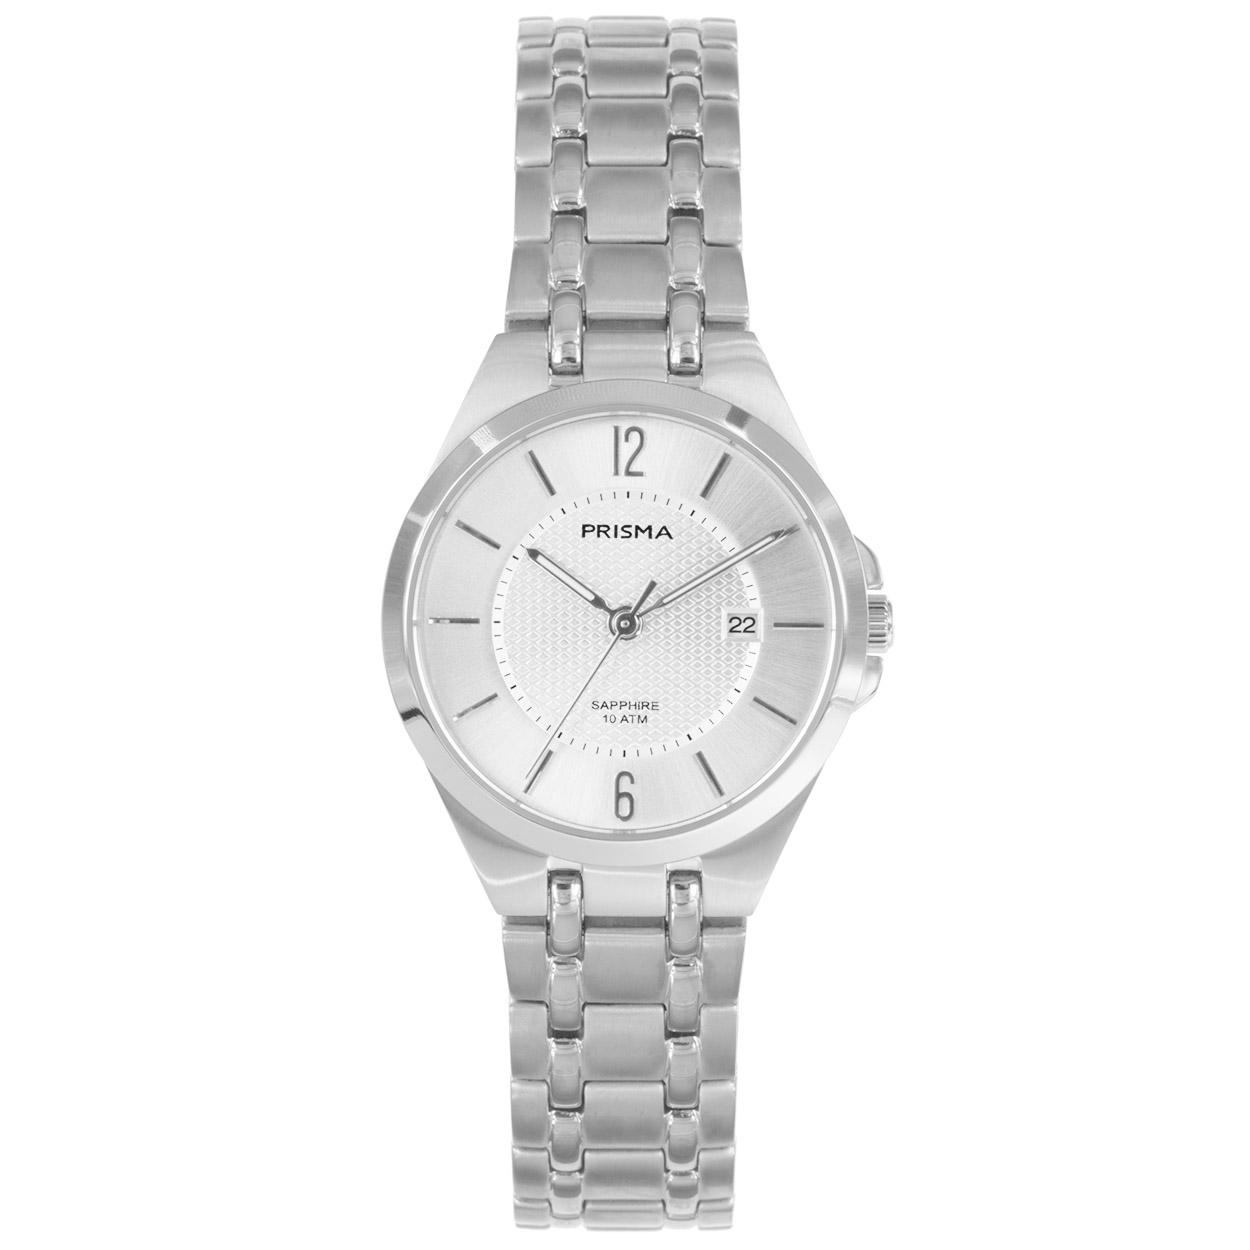 Prisma P.1260 horloge Titanium zilverkleurig 29 mm